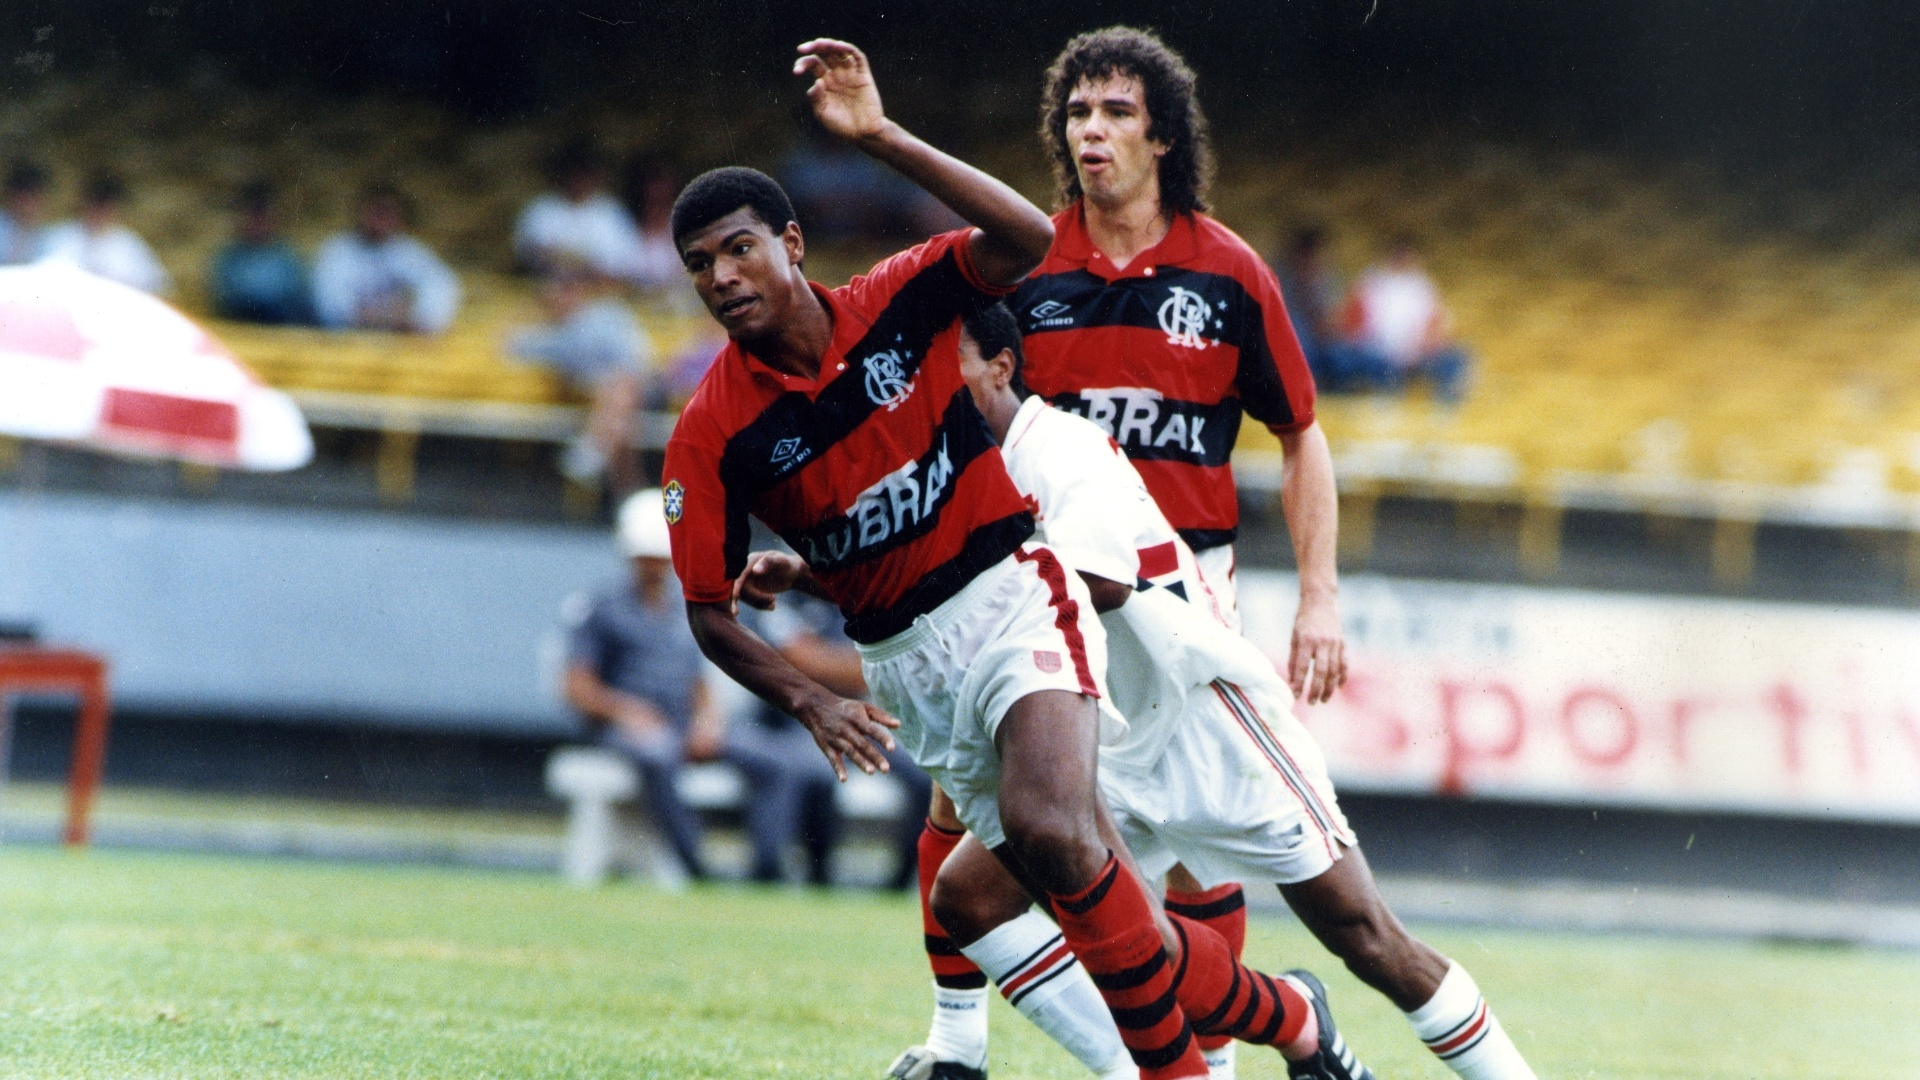 Casagrande em 1993, quando defendeu o Flamengo juntamente com o zagueiro Júnior Baiano